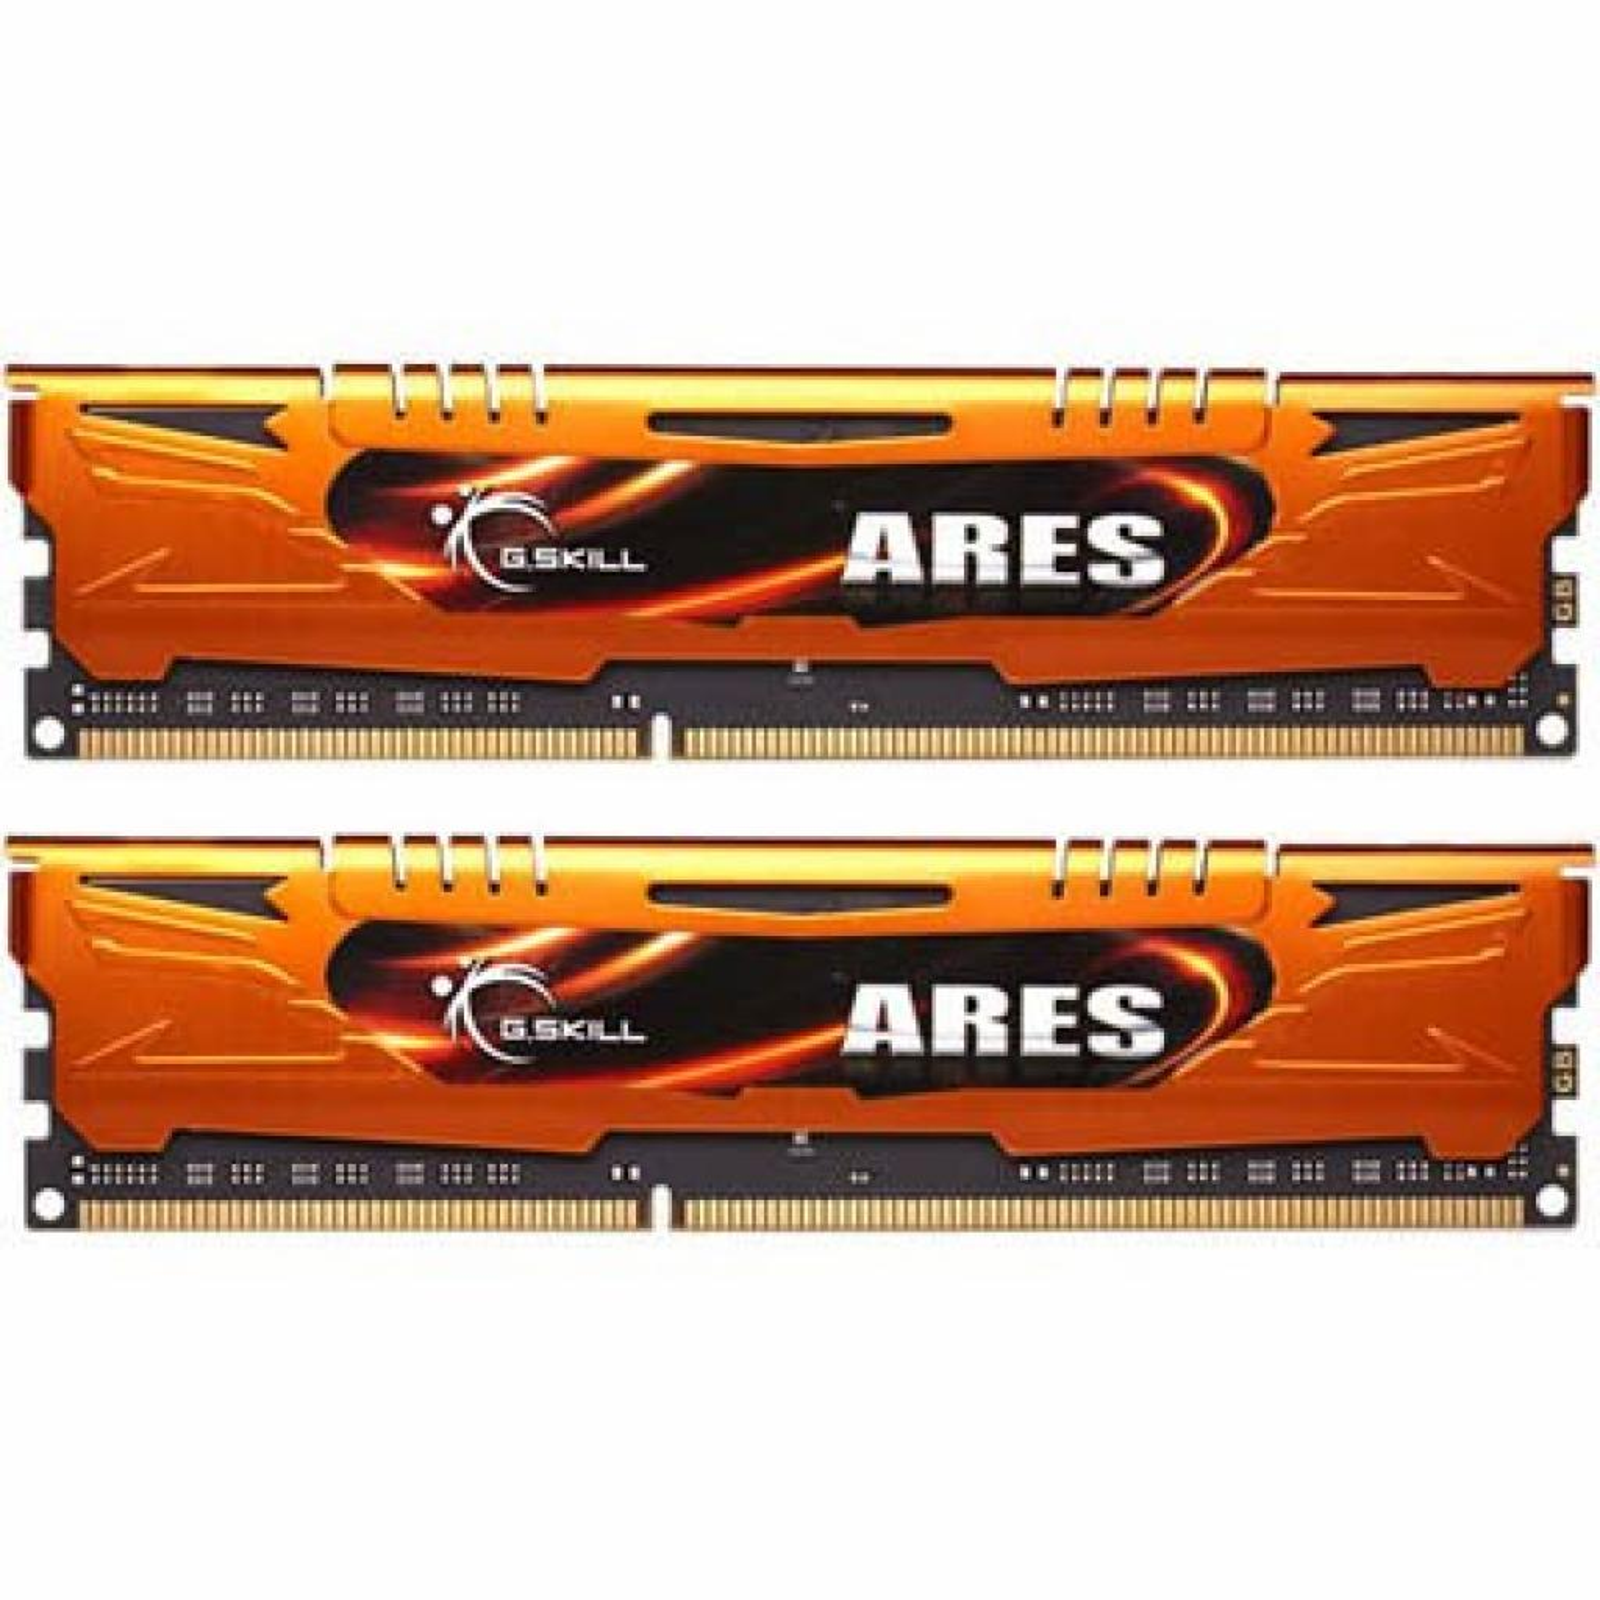 Модуль памяти для компьютера DDR3 8GB (2x4GB) 1333 MHz G.Skill (F3-1333C9D-8GAO)